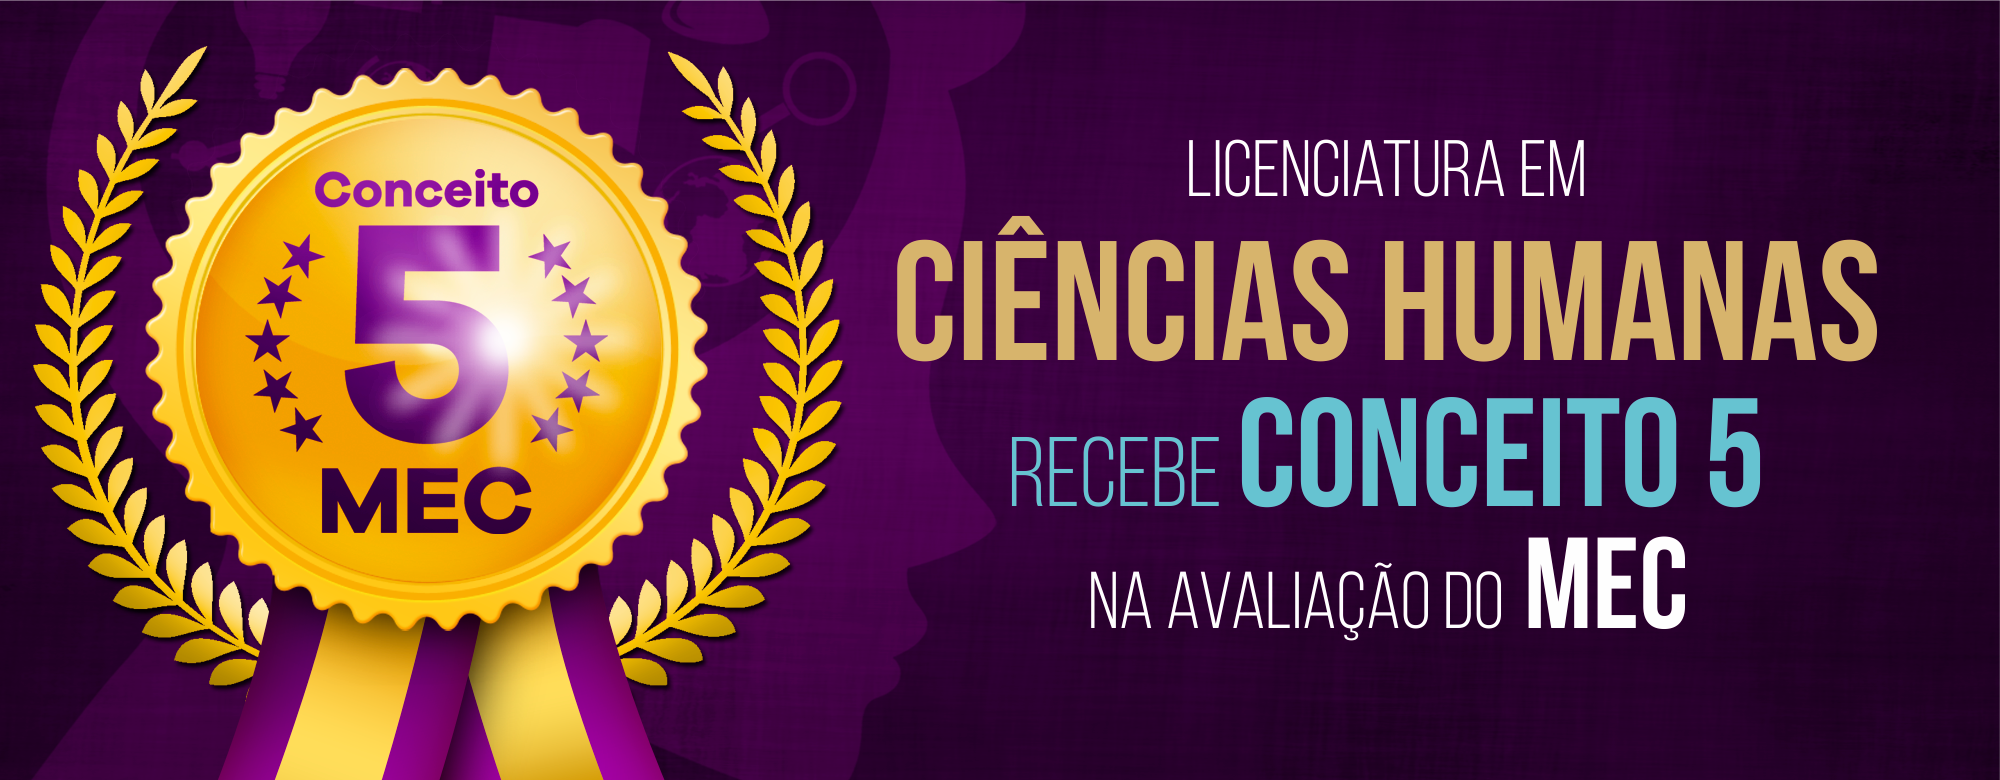 Licenciatura em Ciências Humanas recebe Conceito 5 na avaliação do MEC